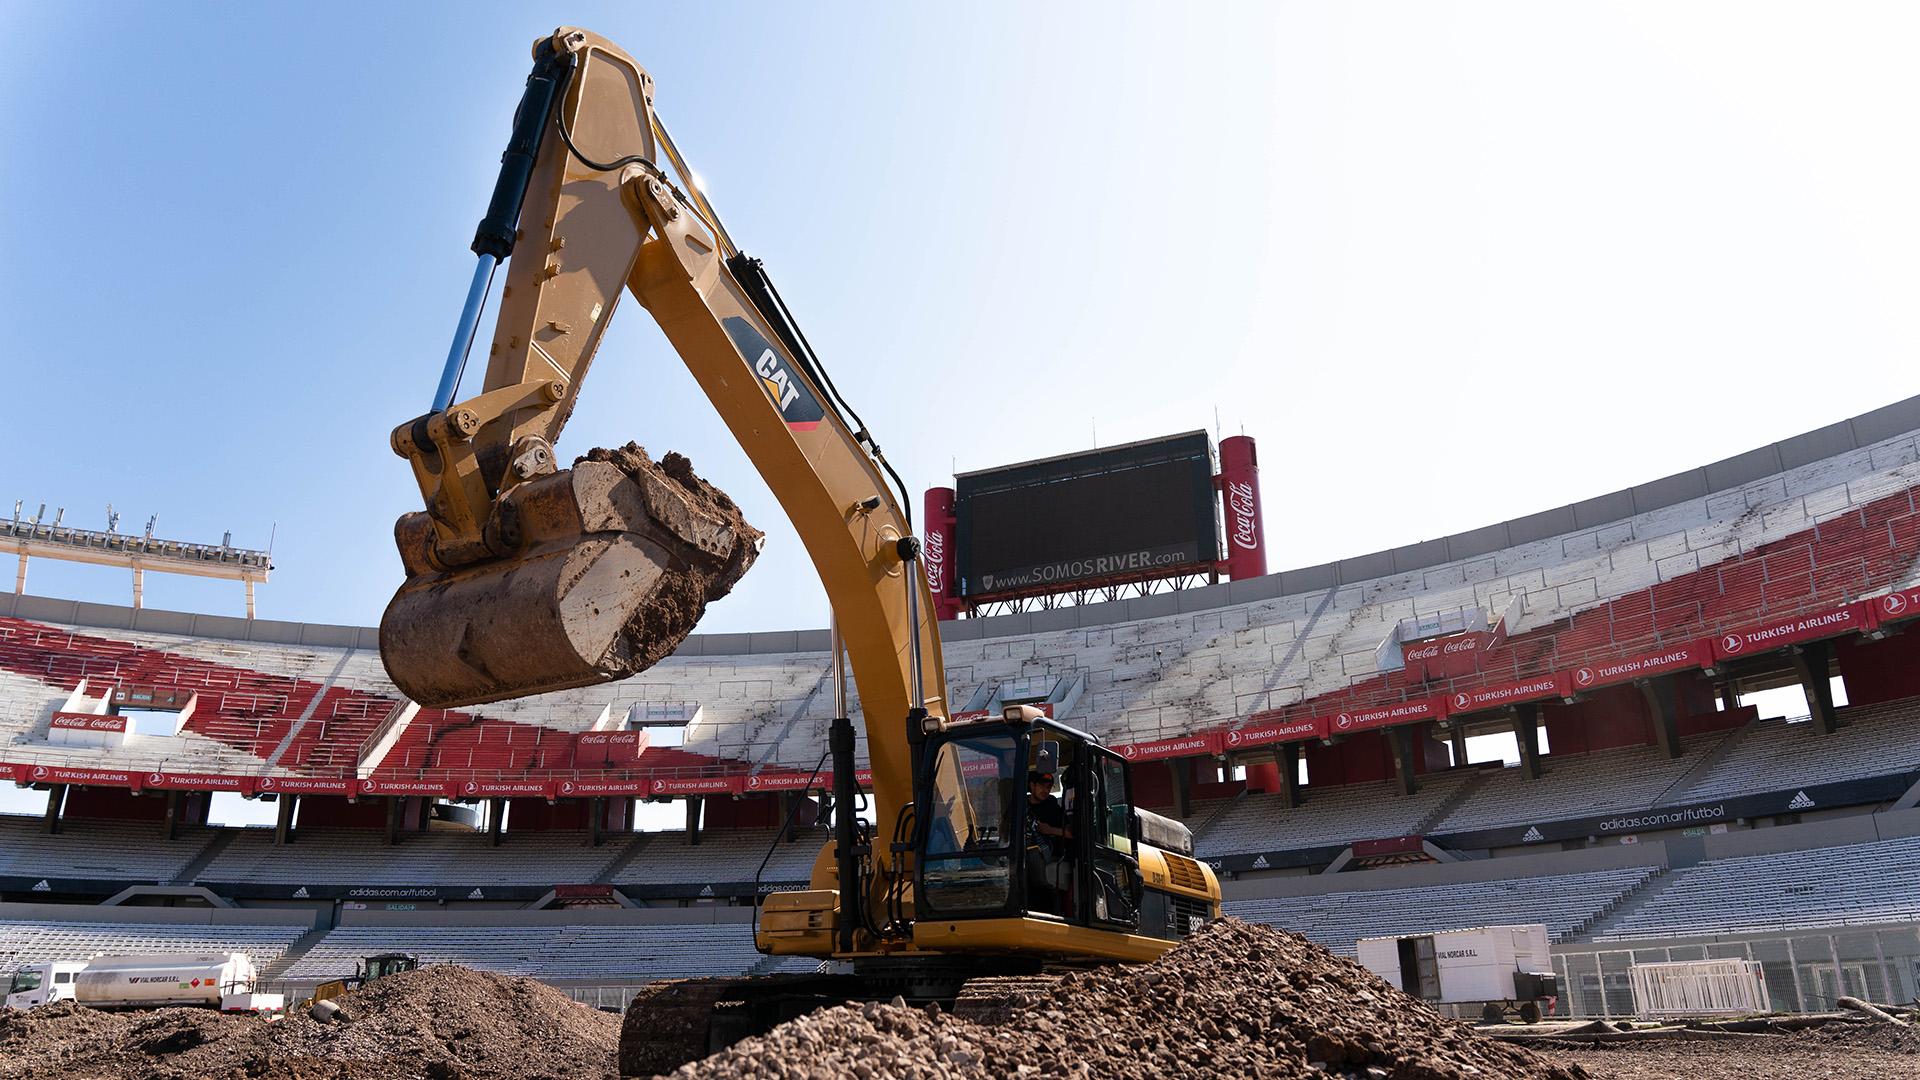 Uno de los cambios más significativos será la eliminación de la clásica pista de atletismo que rodeaba el campo de juego